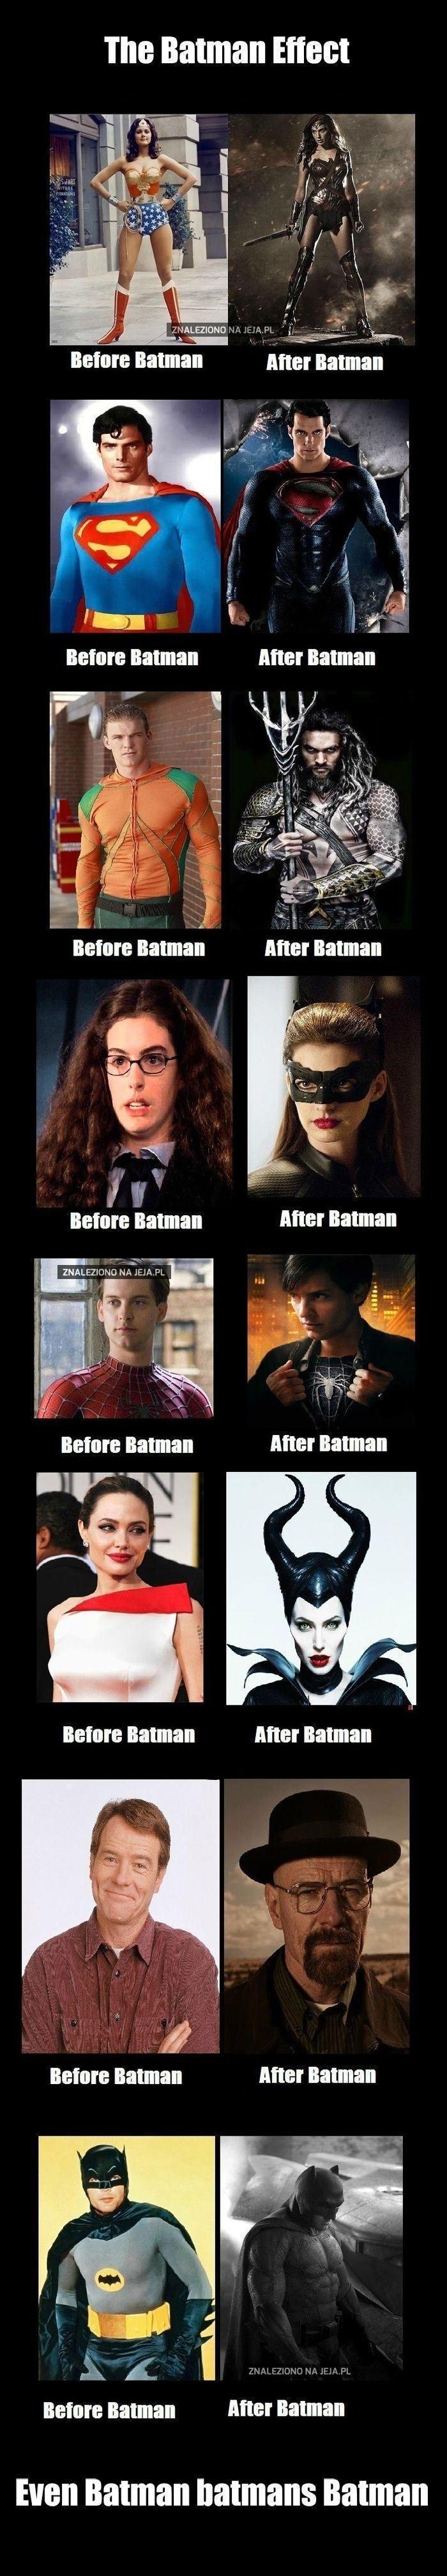 Efekt Batmana